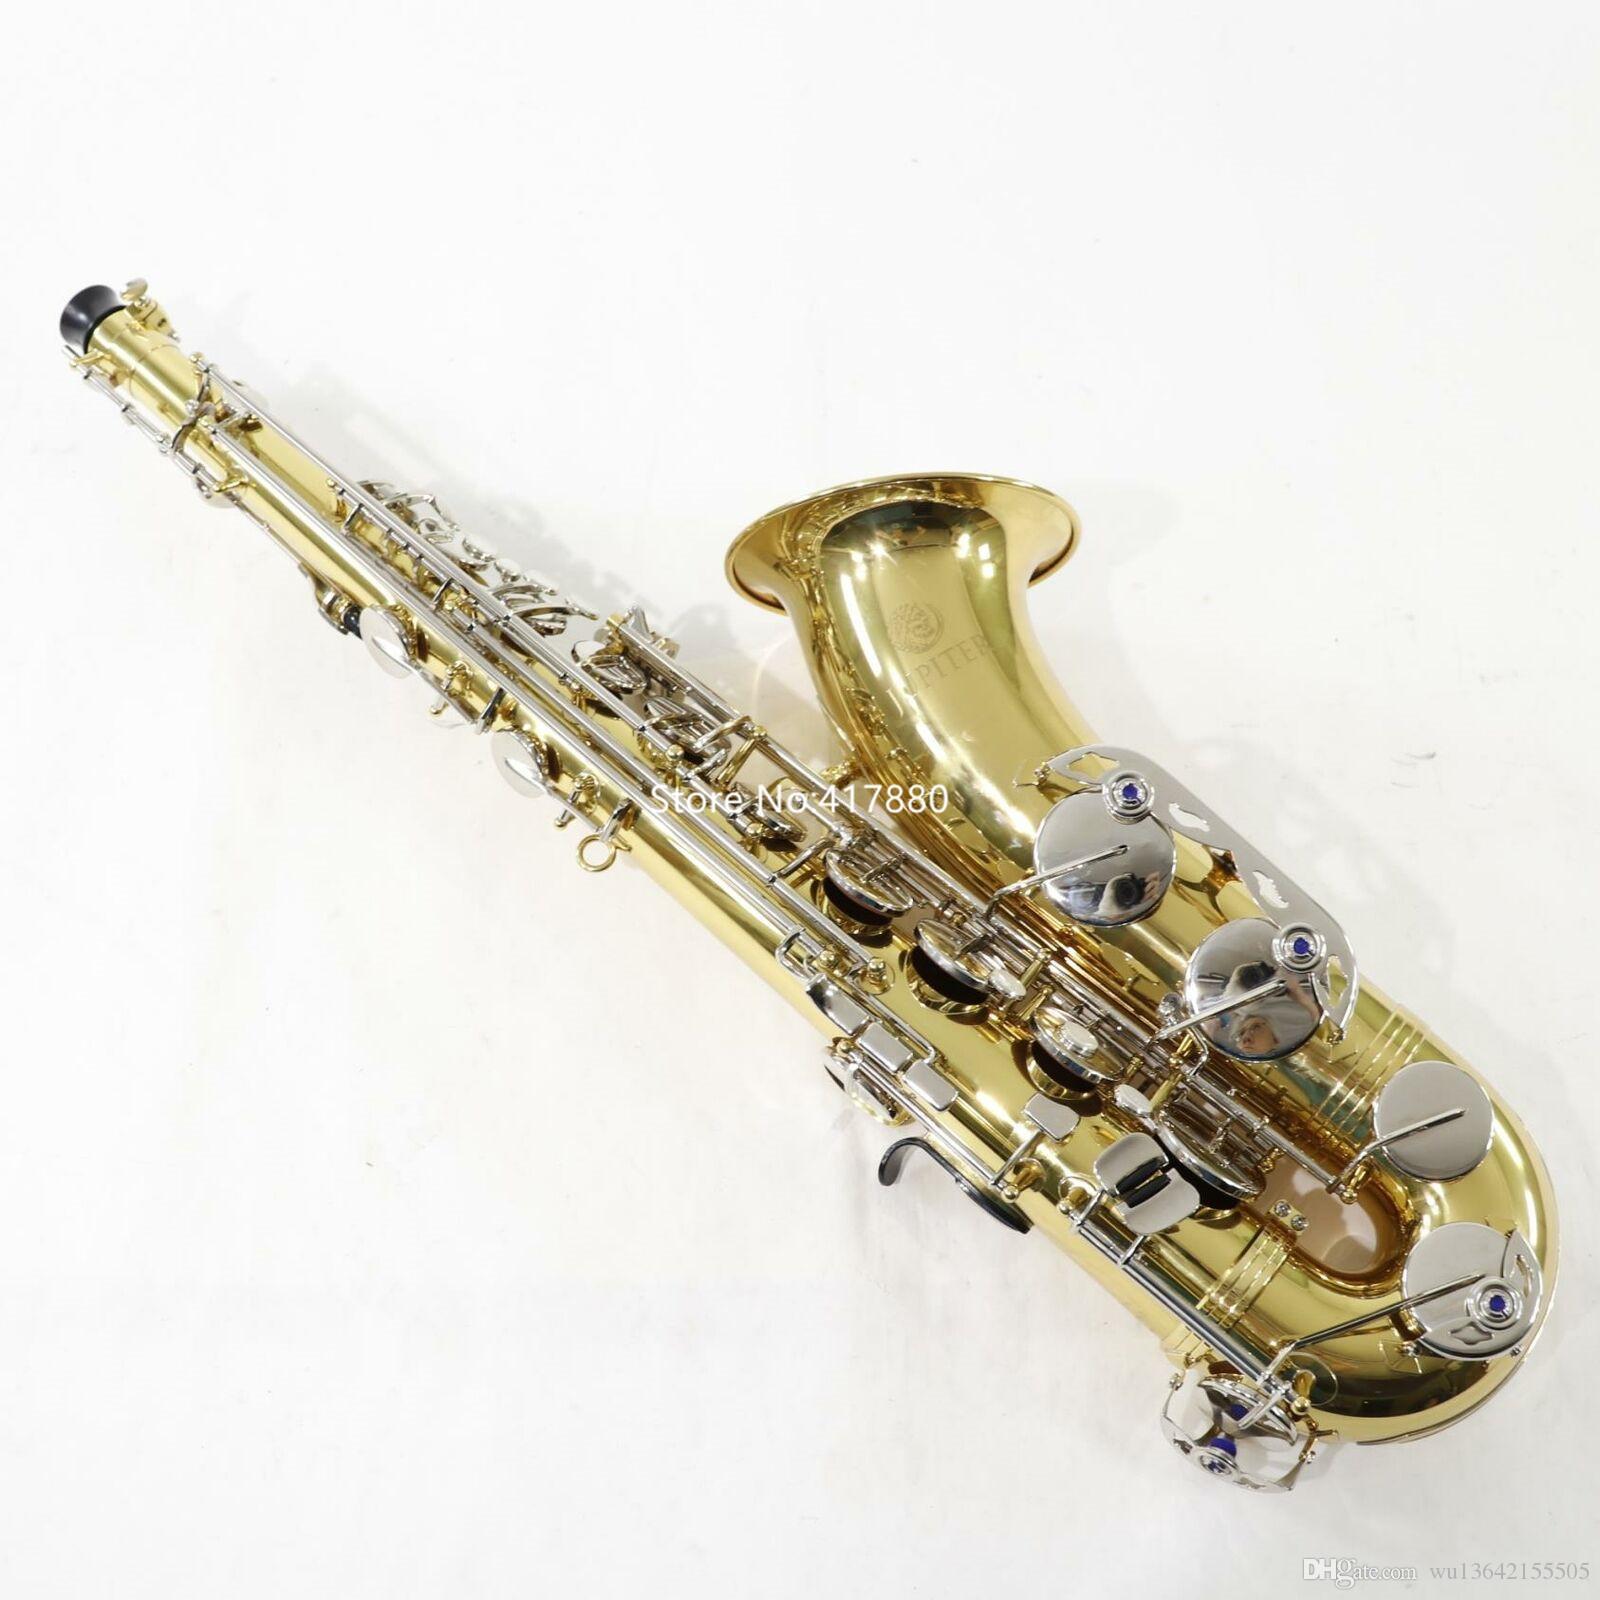 Popolare Jupiter Bb Tune Modello JTS710GNA Student Sassofono Tenore Ottone Glod musicale caso con professionale